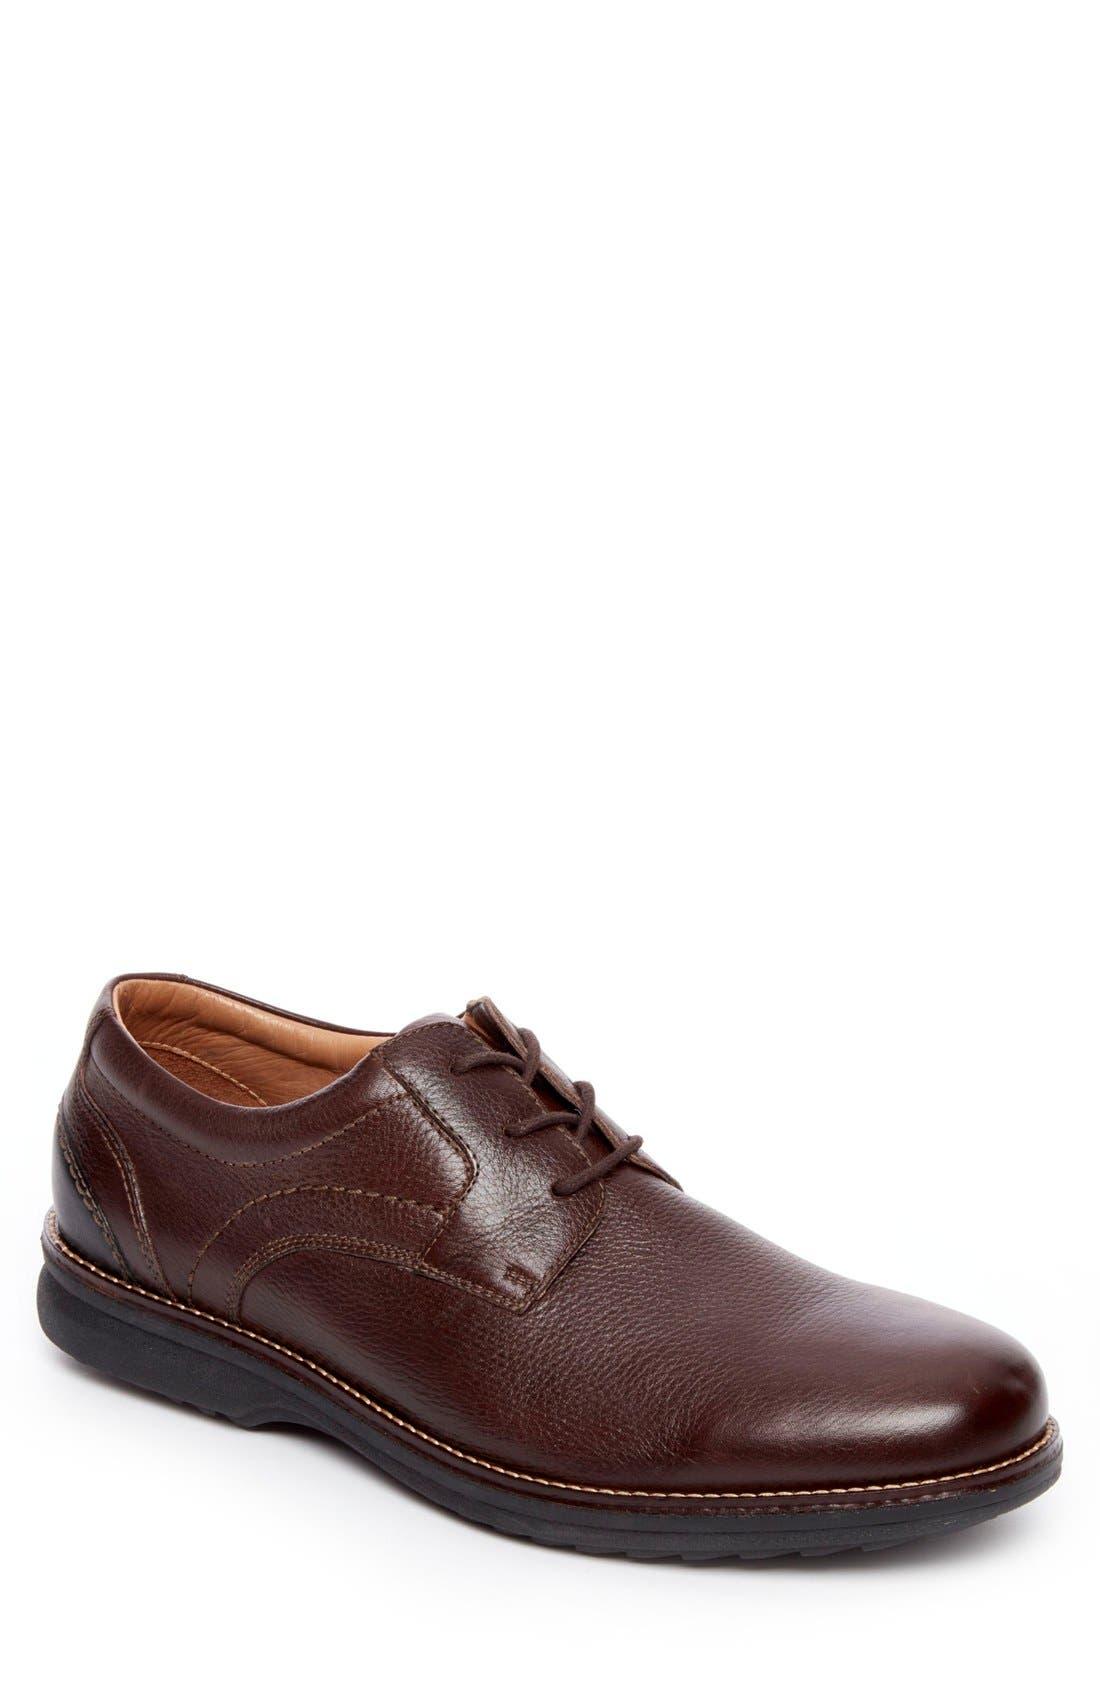 Main Image - Rockport 'Premium Class' Plain Toe Derby (Men)